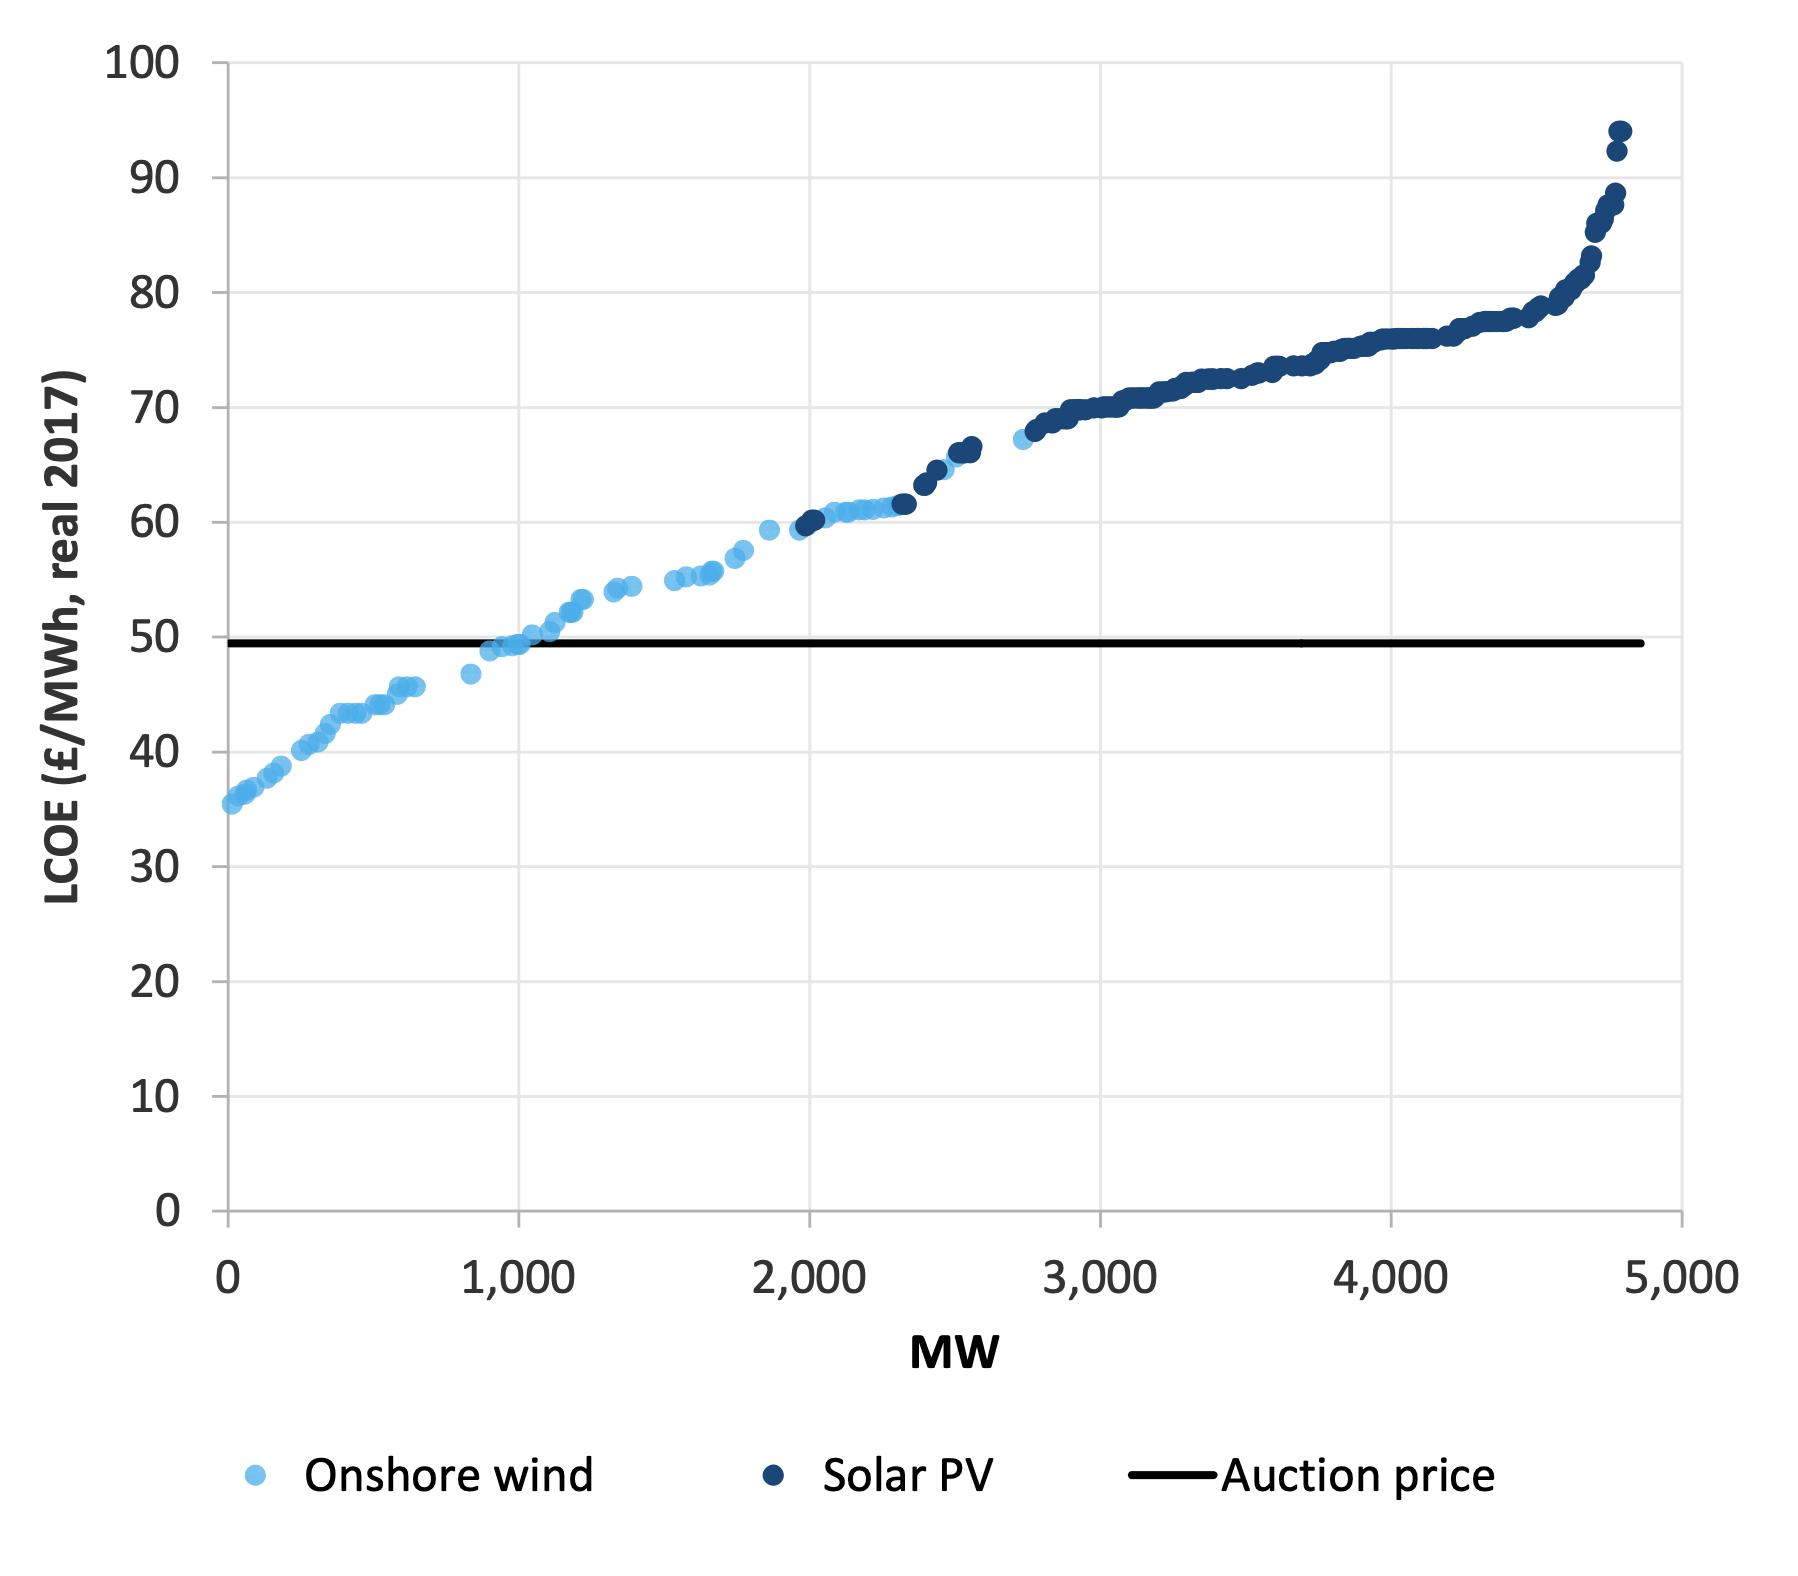 LCOE graph - source: Baringa